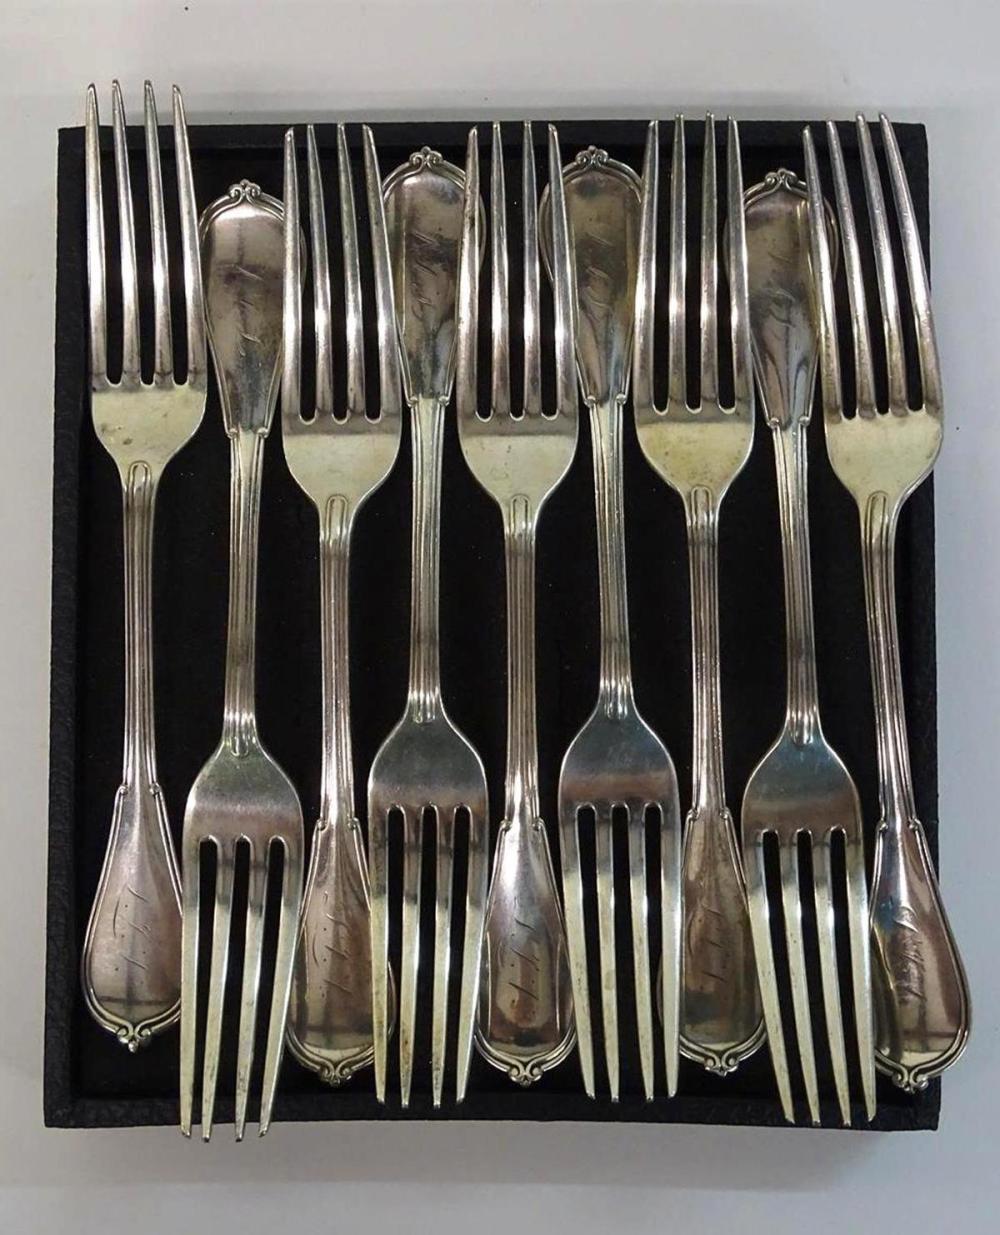 9 STERLING SILVER DINNER FORKS